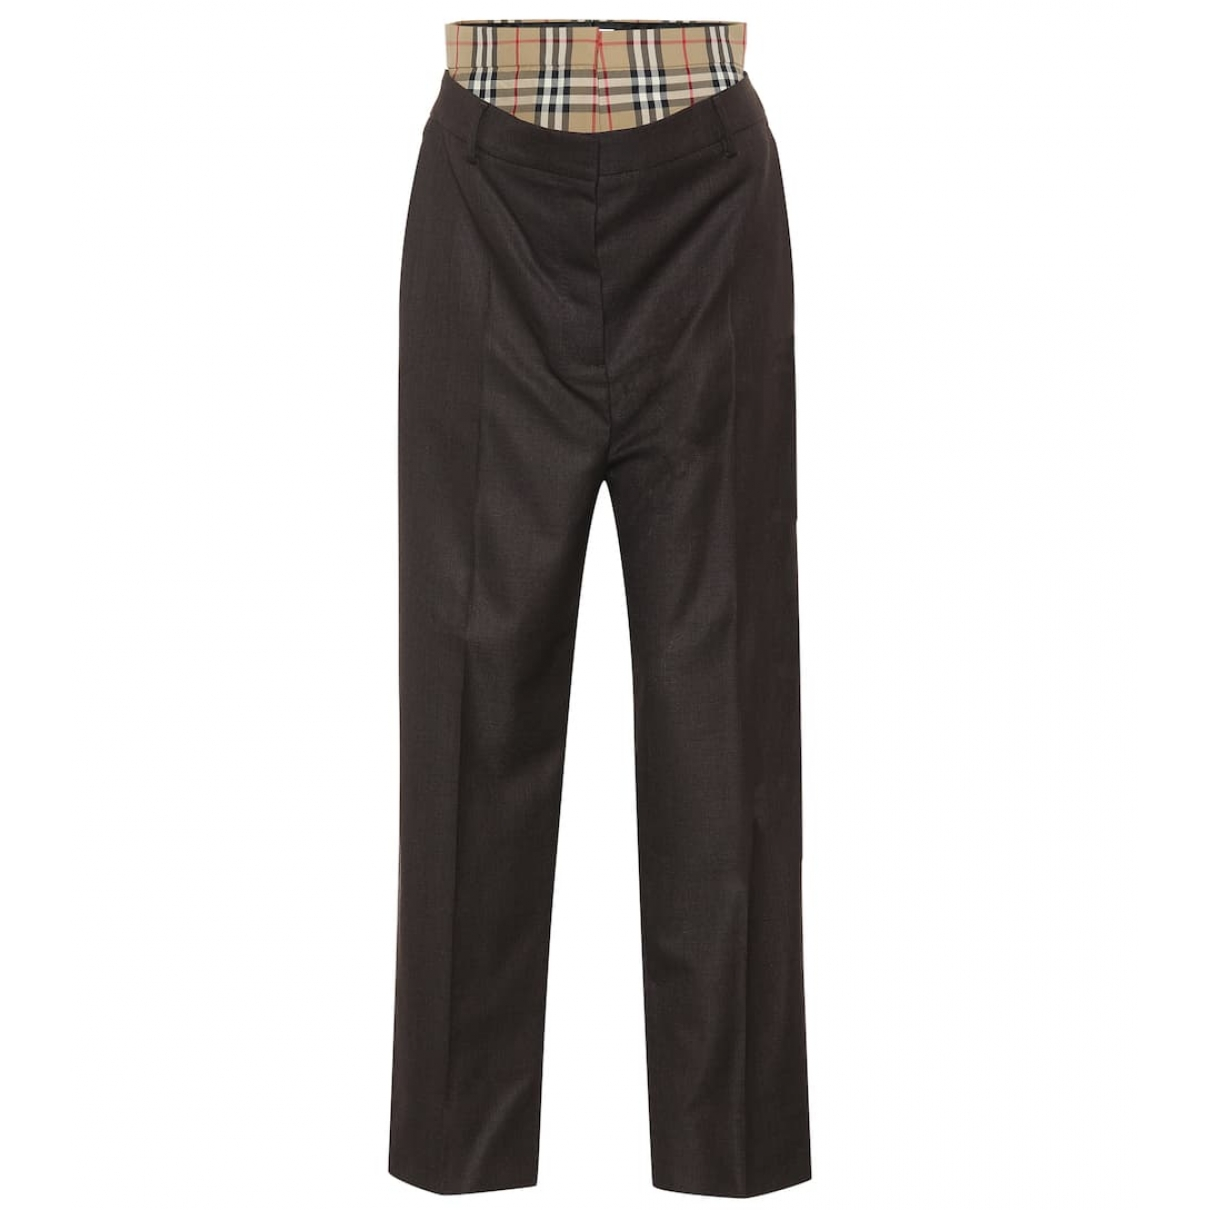 Burberry - Pantalon   pour femme en laine - marron